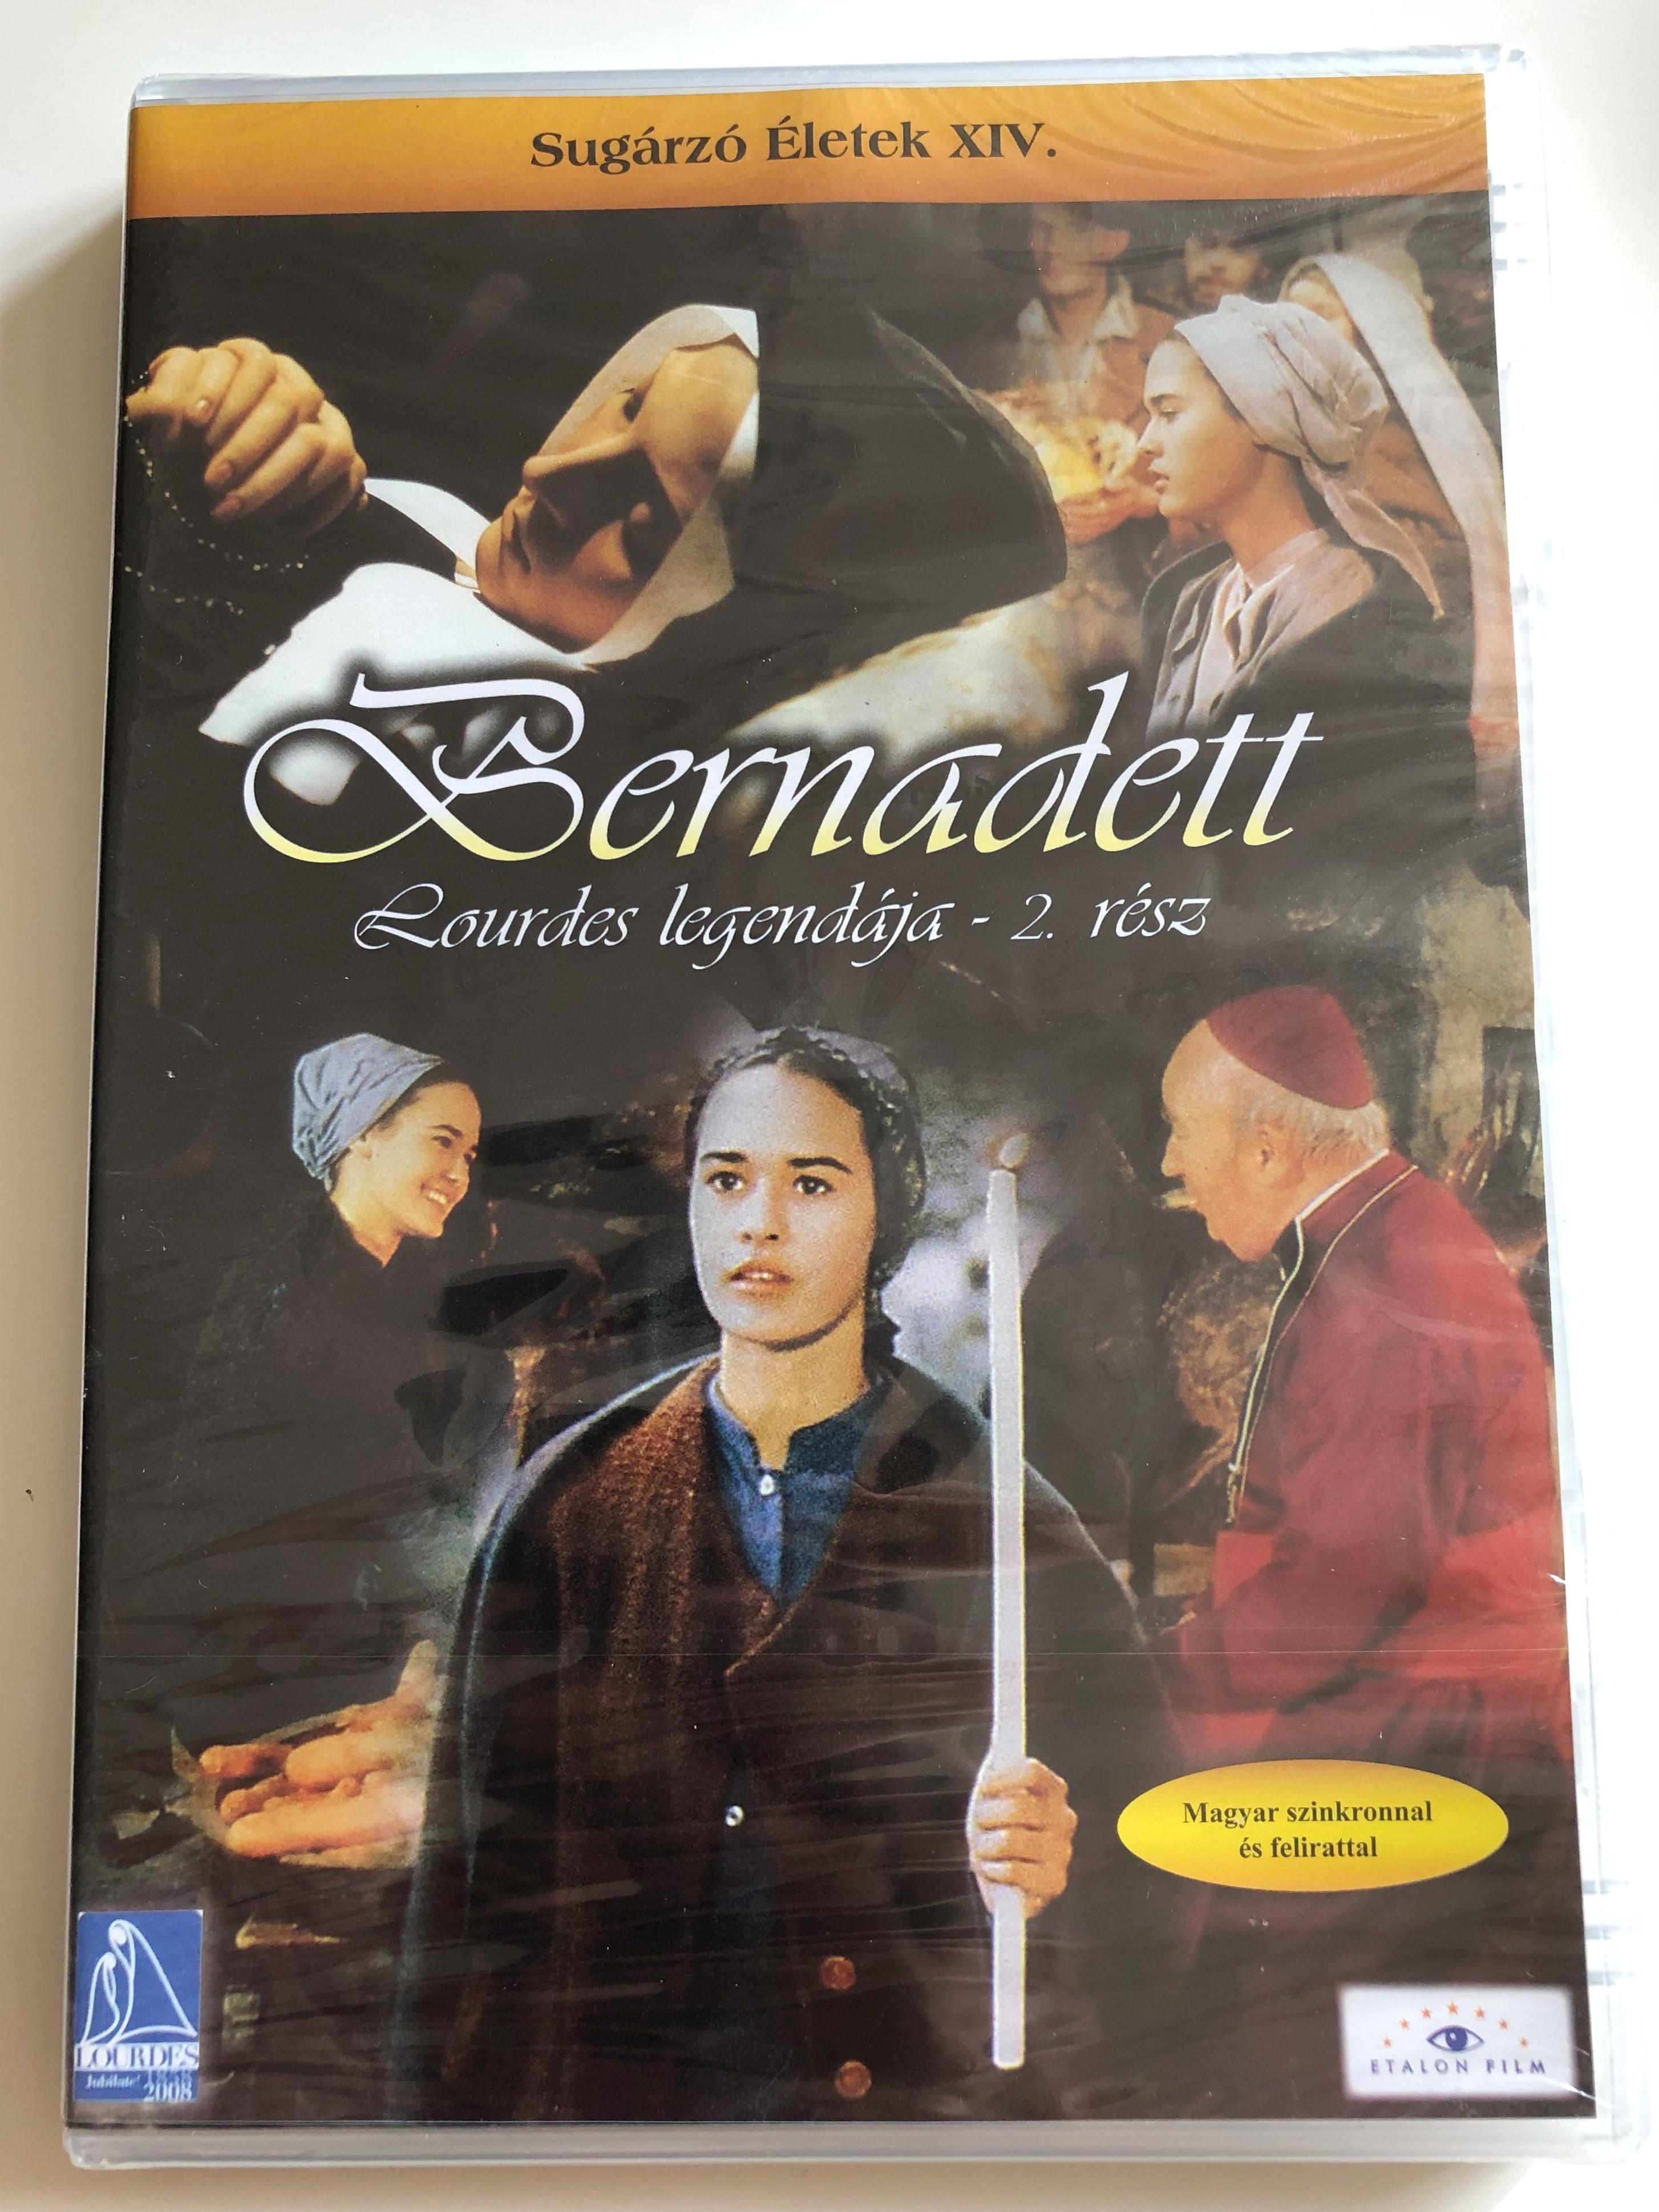 la-passion-de-bernadette-part-ii.-dvd-1989-bernadett-lourdes-legend-ja-2.-r-sz-directed-by-jean-delannoy-starring-sydney-penny-mich-le-simonnet-roland-lesaffre-sug-rz-letek-xiv.-1-.jpg